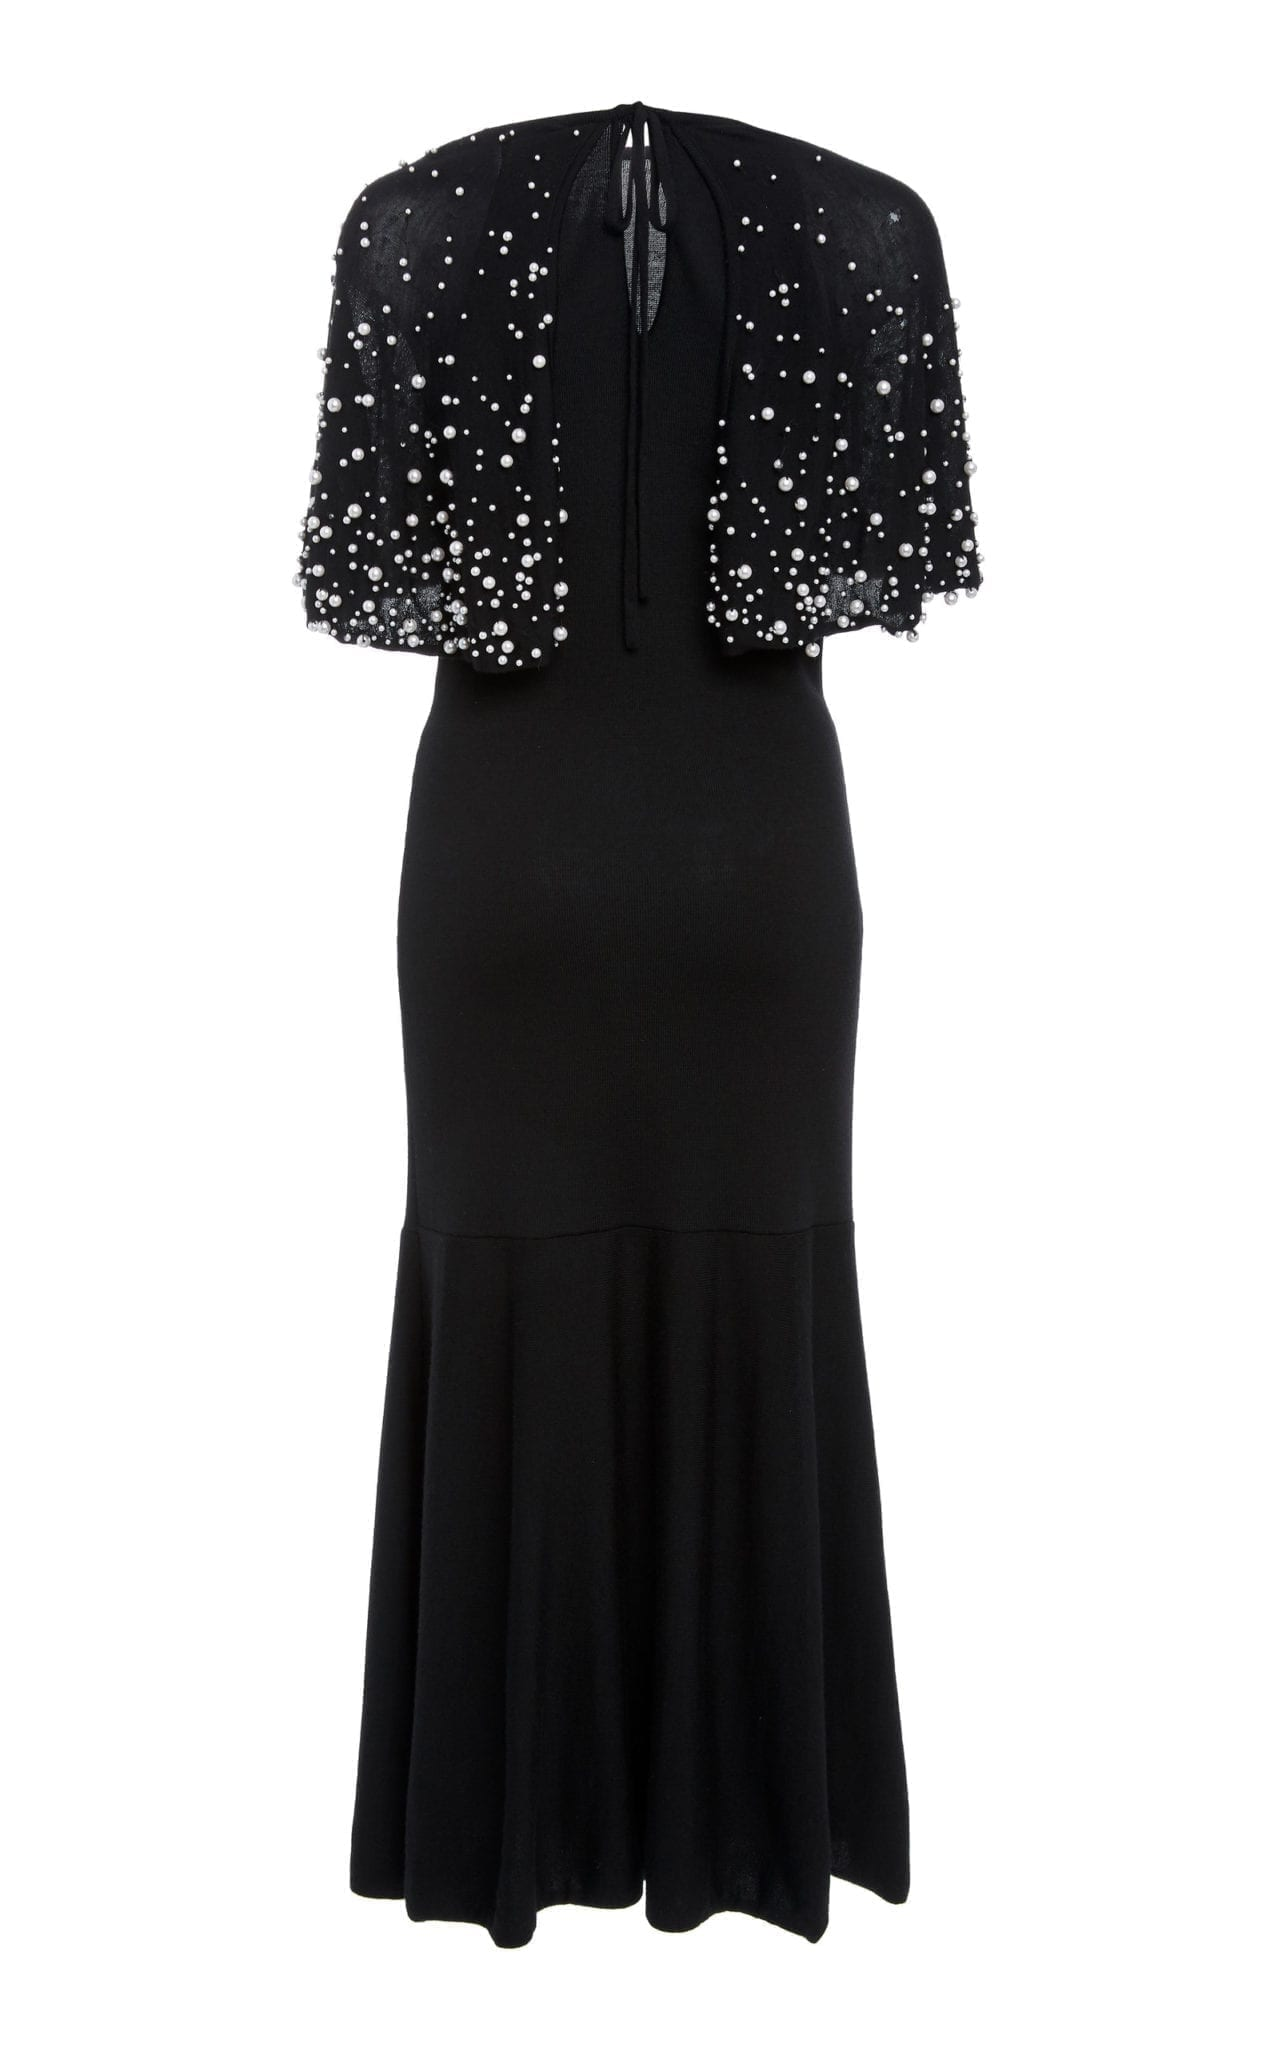 lana de negro Oscar Renta La perla de efecto Vestido con De adornada de sintética qU6EnCE